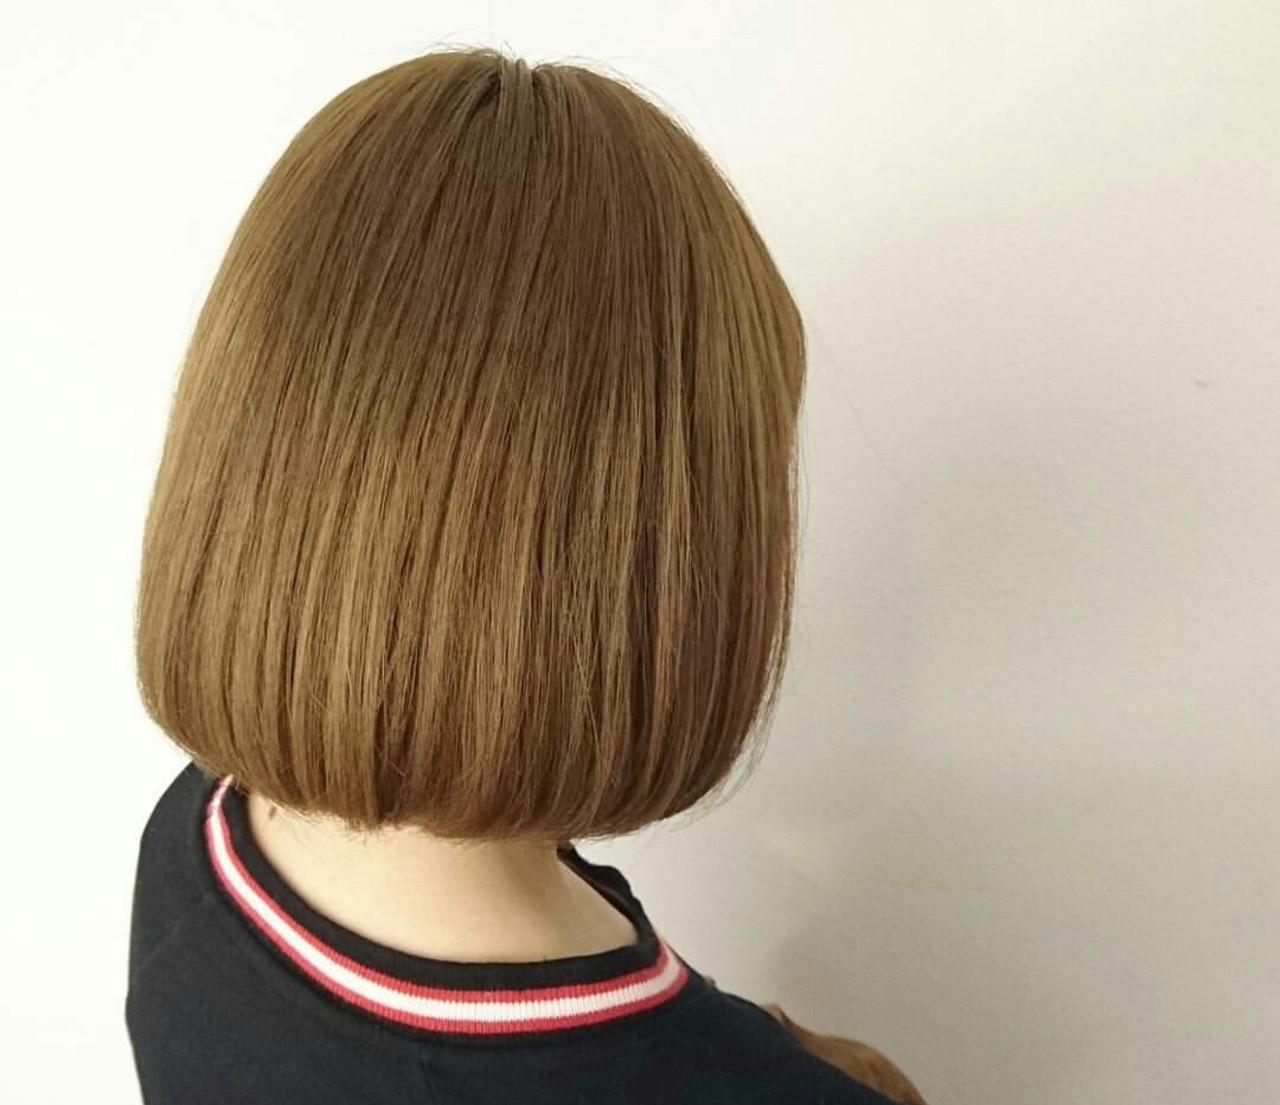 ブリーチ ベージュ ボブ イエロー ヘアスタイルや髪型の写真・画像